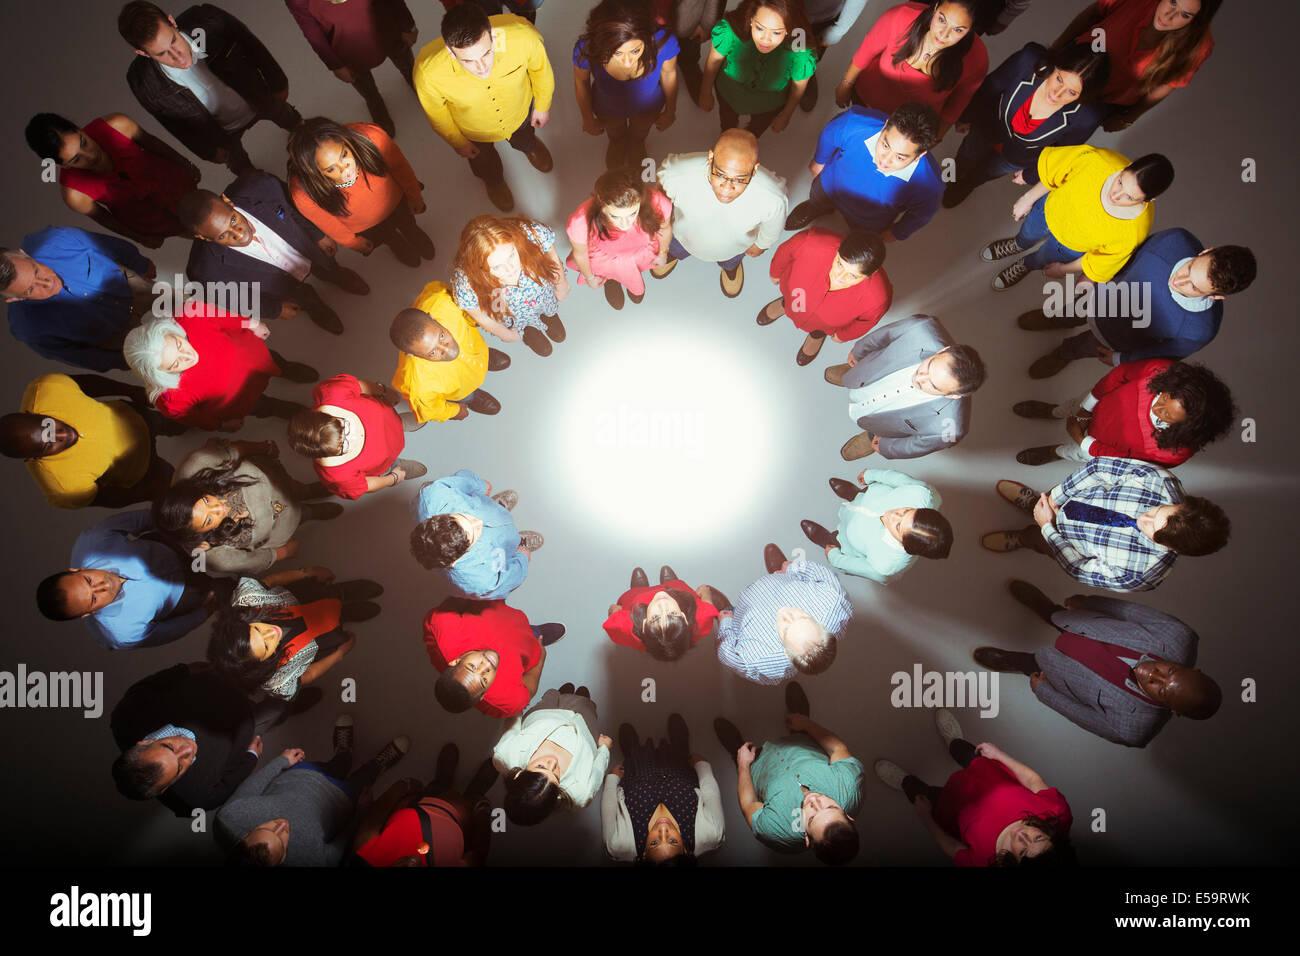 Foule diversifiée debout autour d'une lumière vive Photo Stock